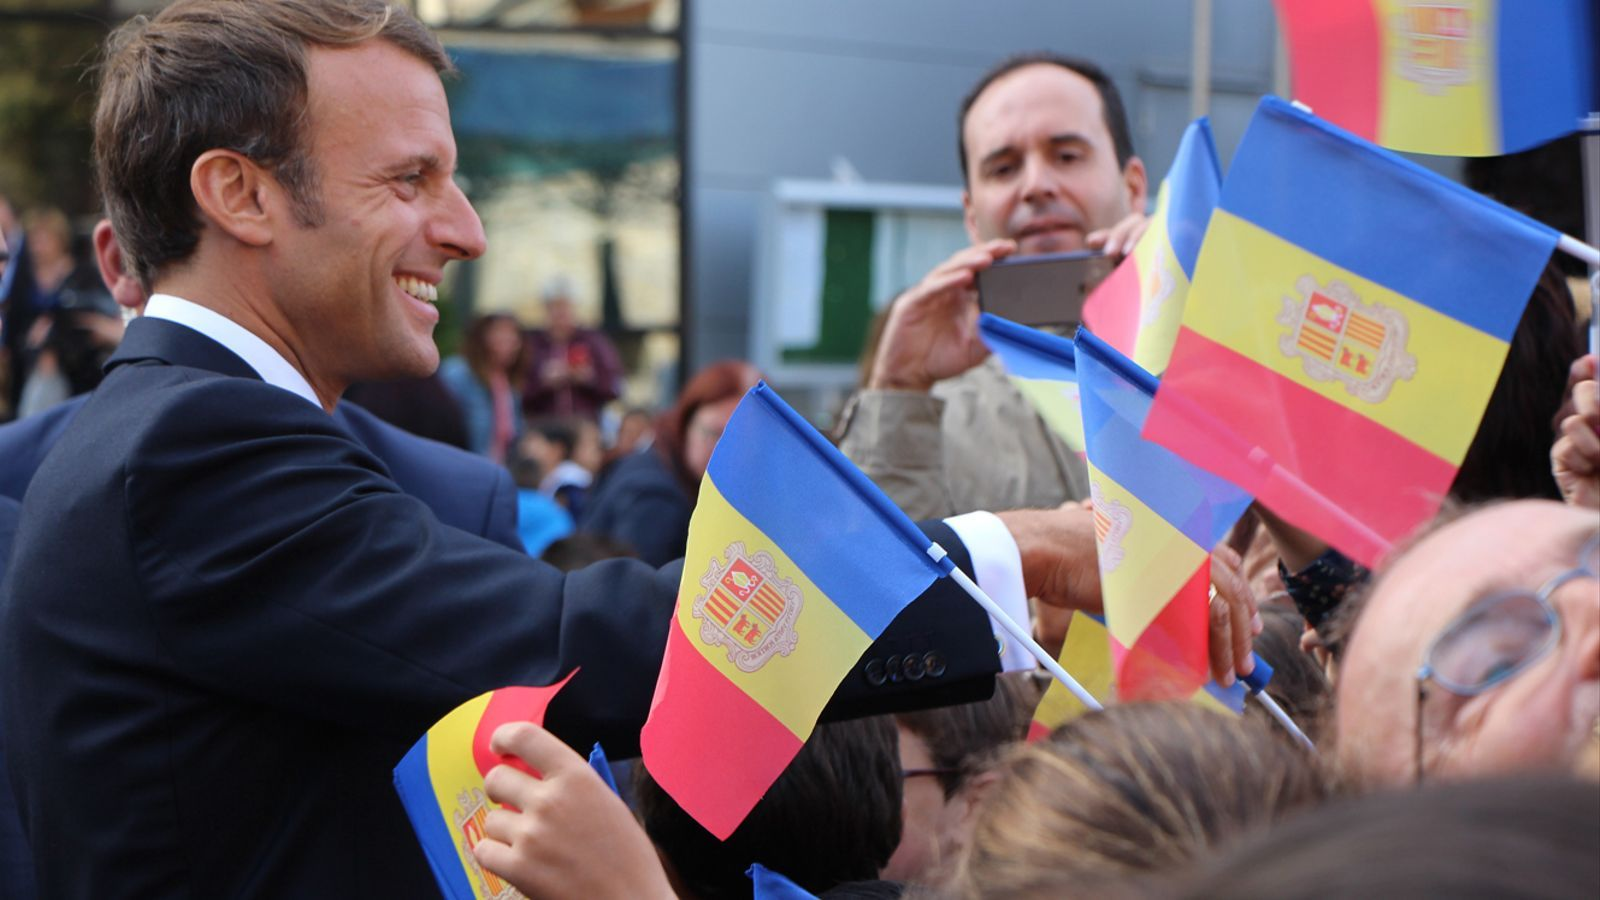 El copríncep francès, Emmanuel Macron, al seu pas per Encamp. / T. N. (ANA)